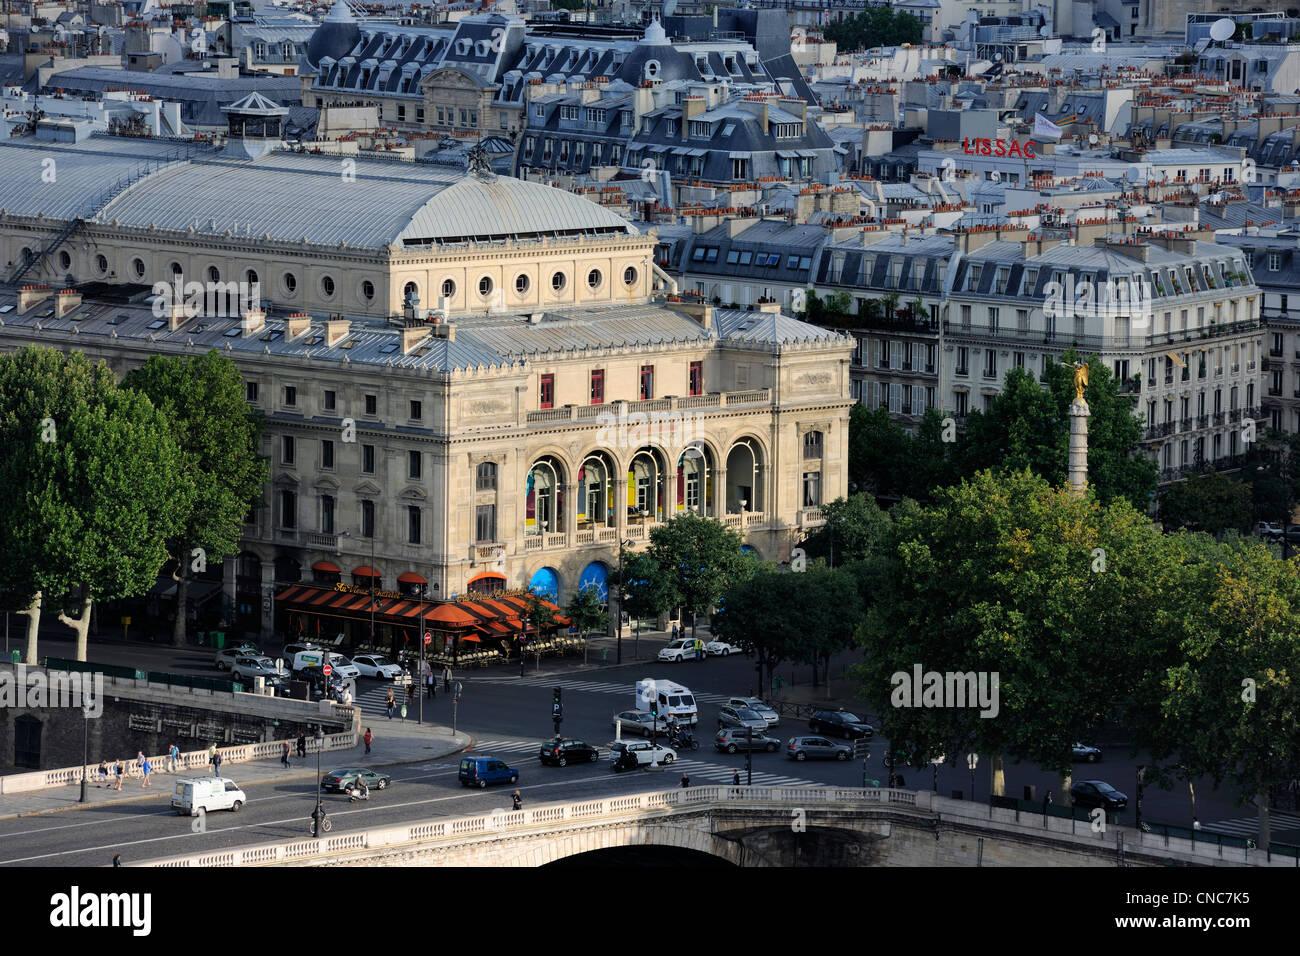 France, Paris, Pont au Change and the theatre du Chatelet - Stock Image